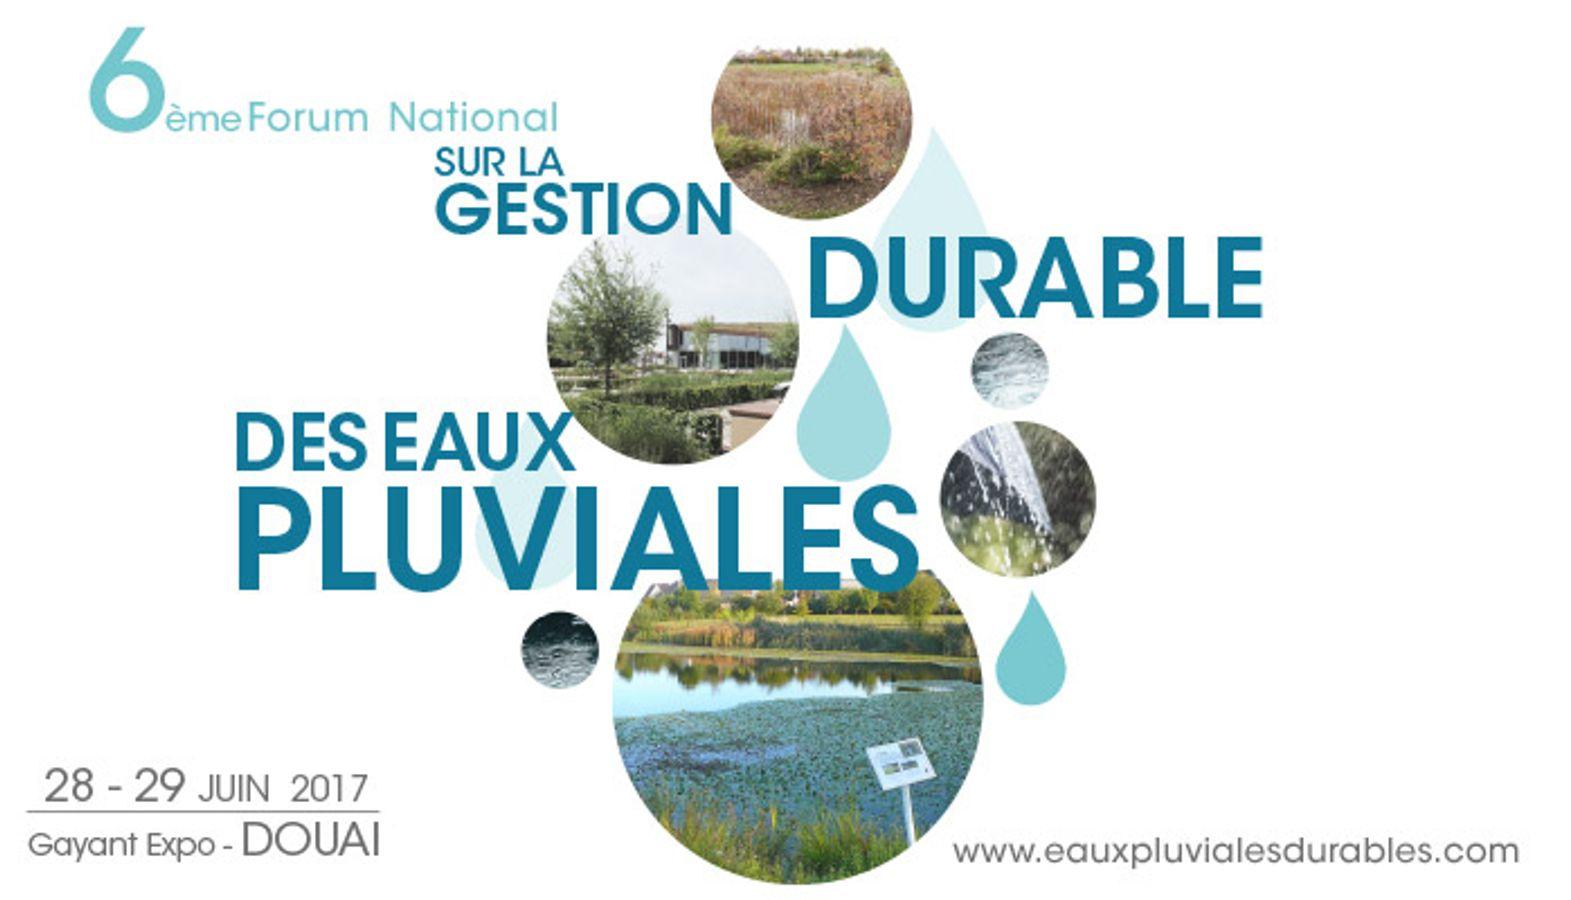 Forum Eaux Pluviales 2017 - Supports de présentation